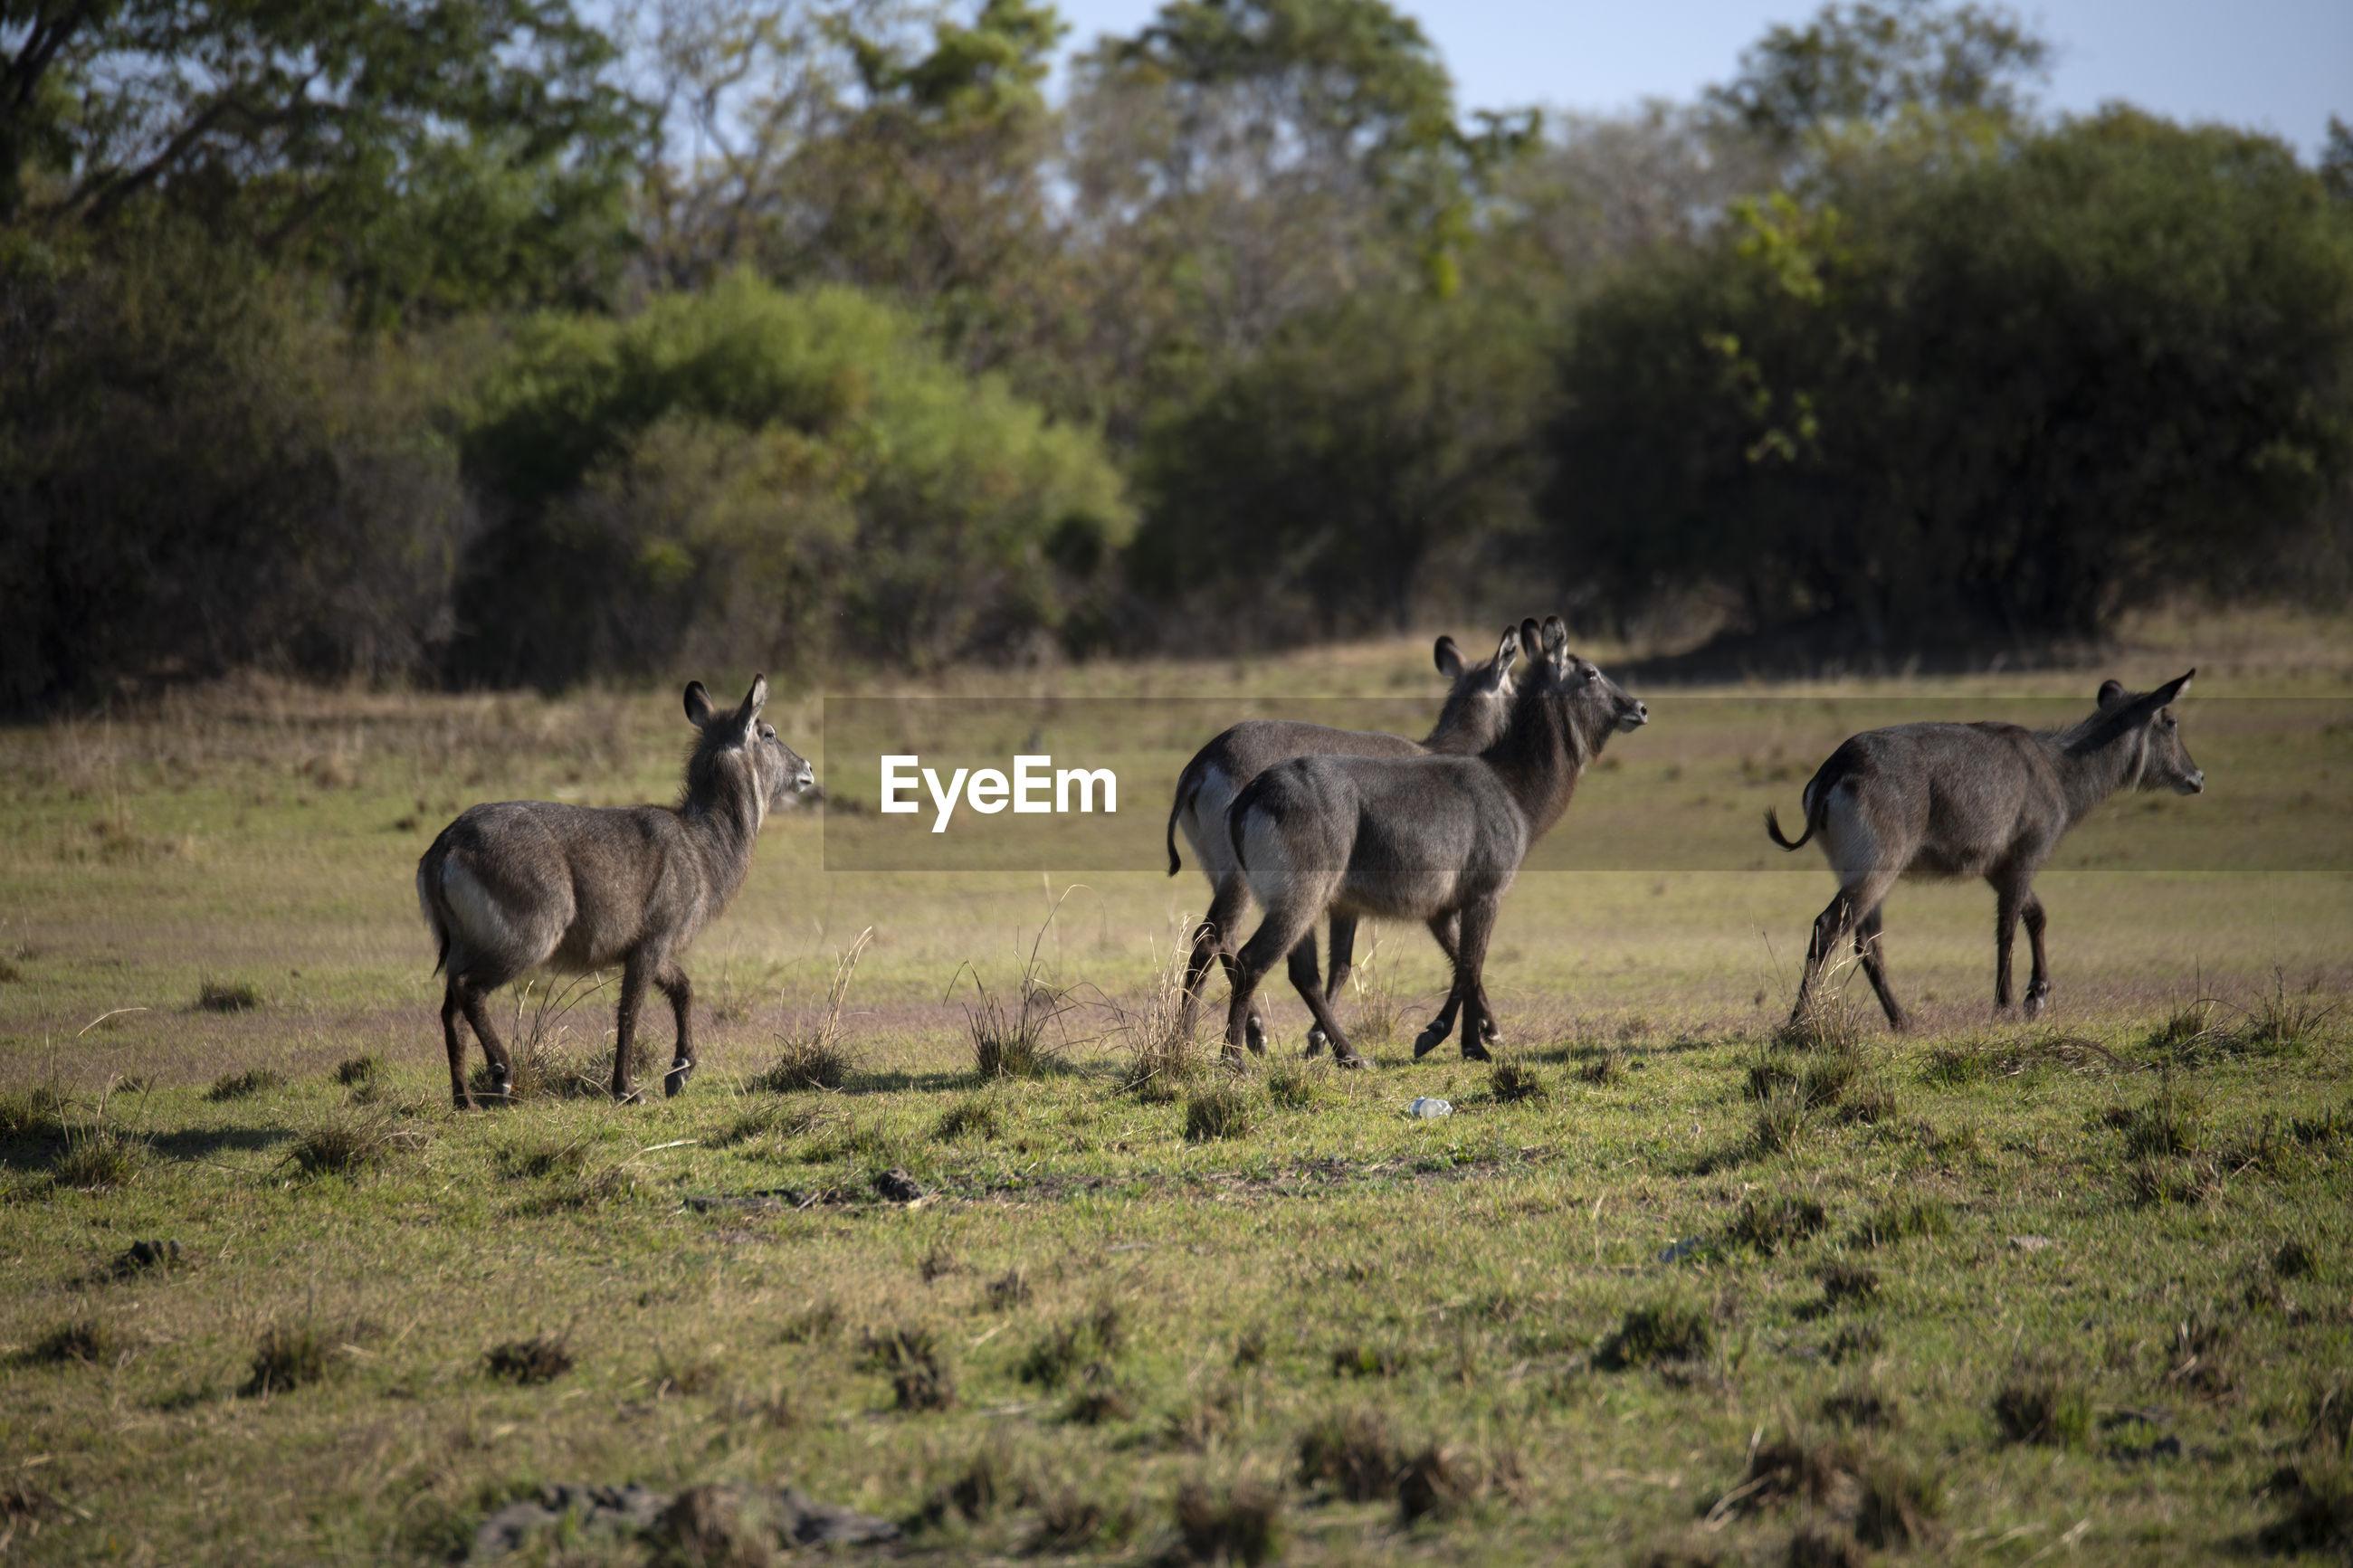 Waterbucks standing in a field